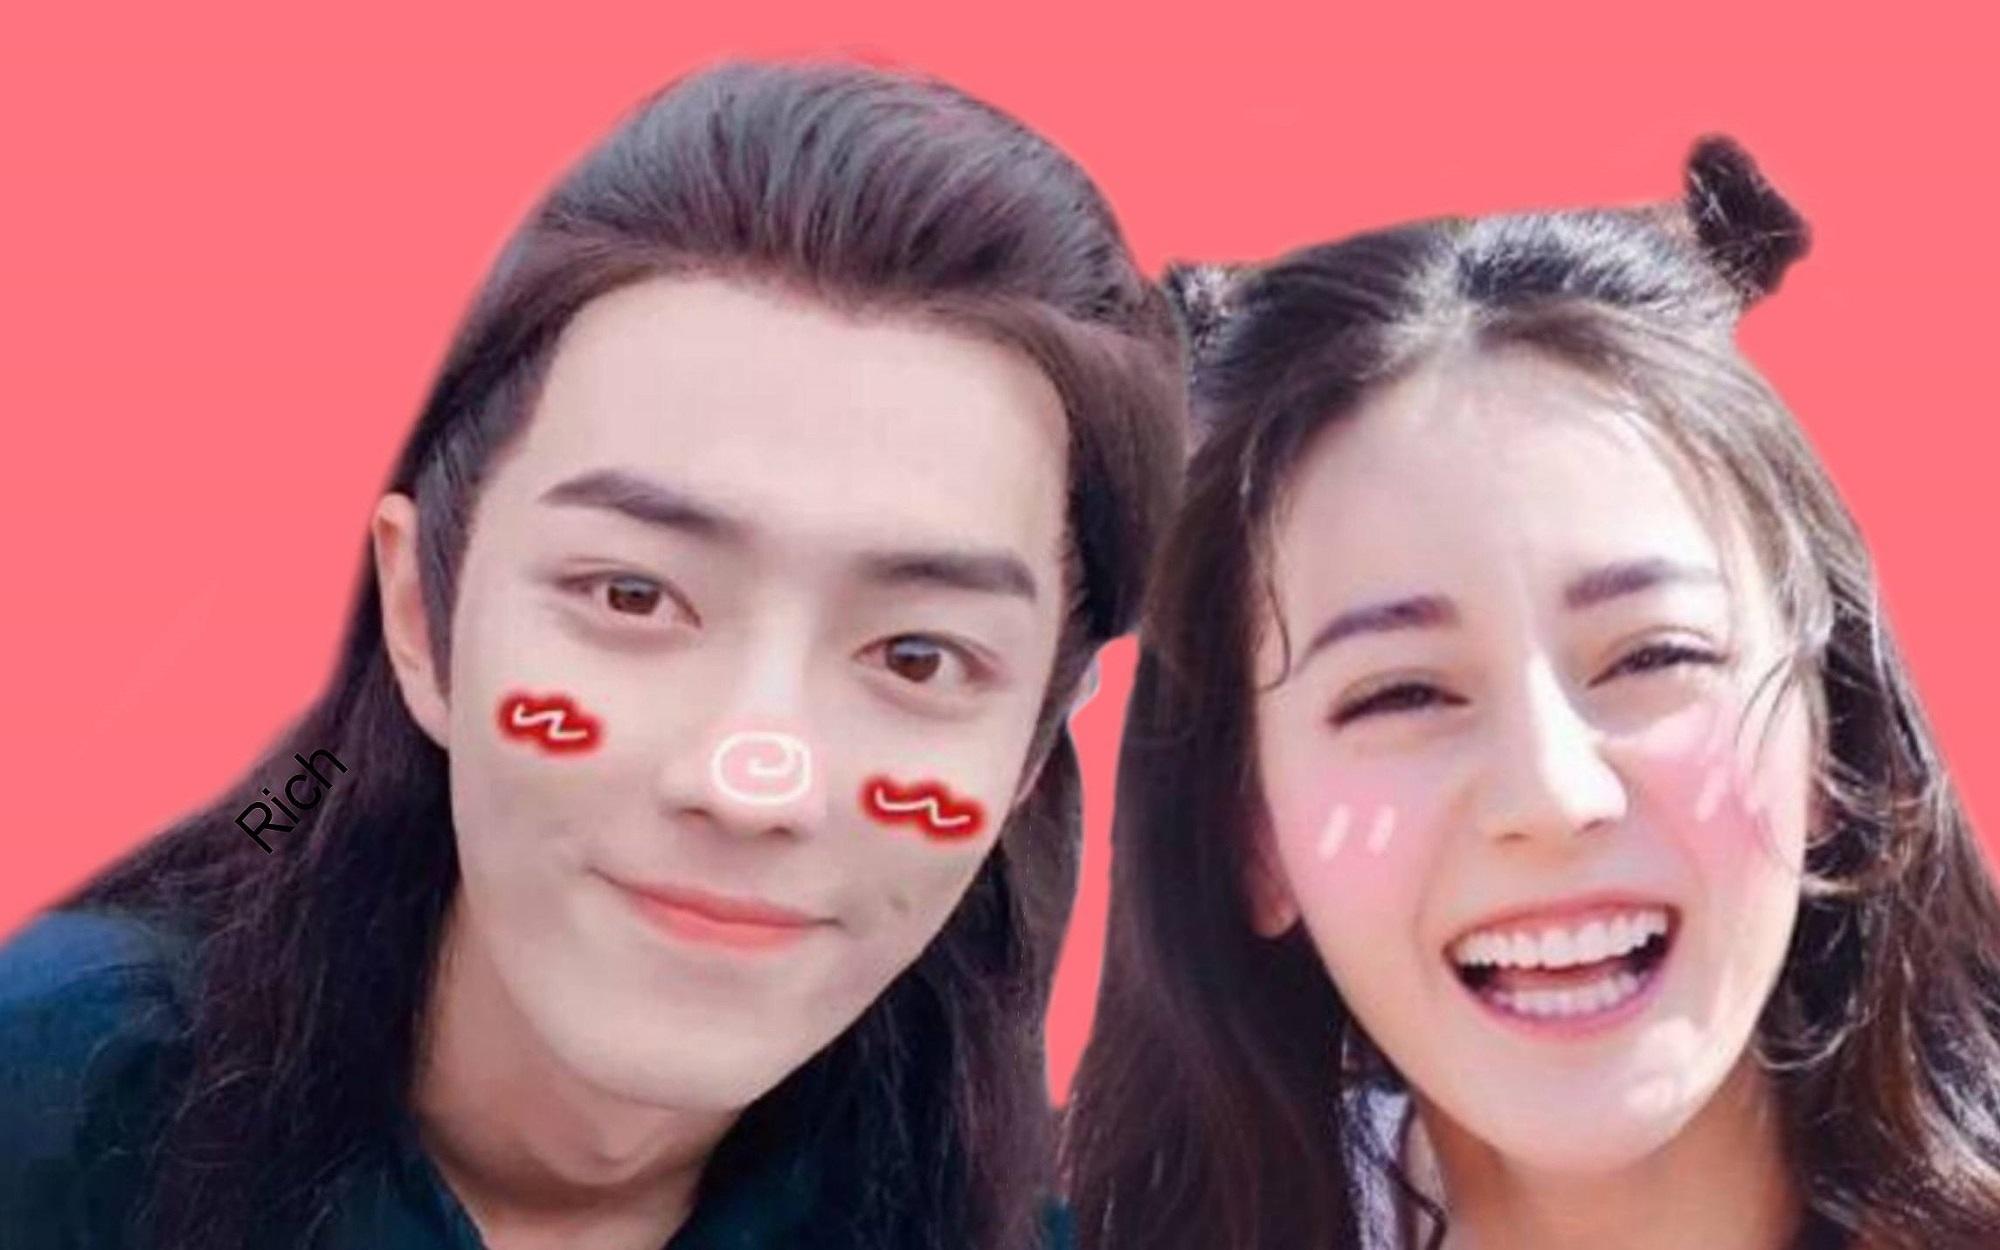 Giải đáp bí ẩn sao Hoa ngữ: La Vân Hi đã kết hôn, Tống Uy Long là 'bad boy' chuyên 'bắt cá nhiều tay'? - Ảnh 1